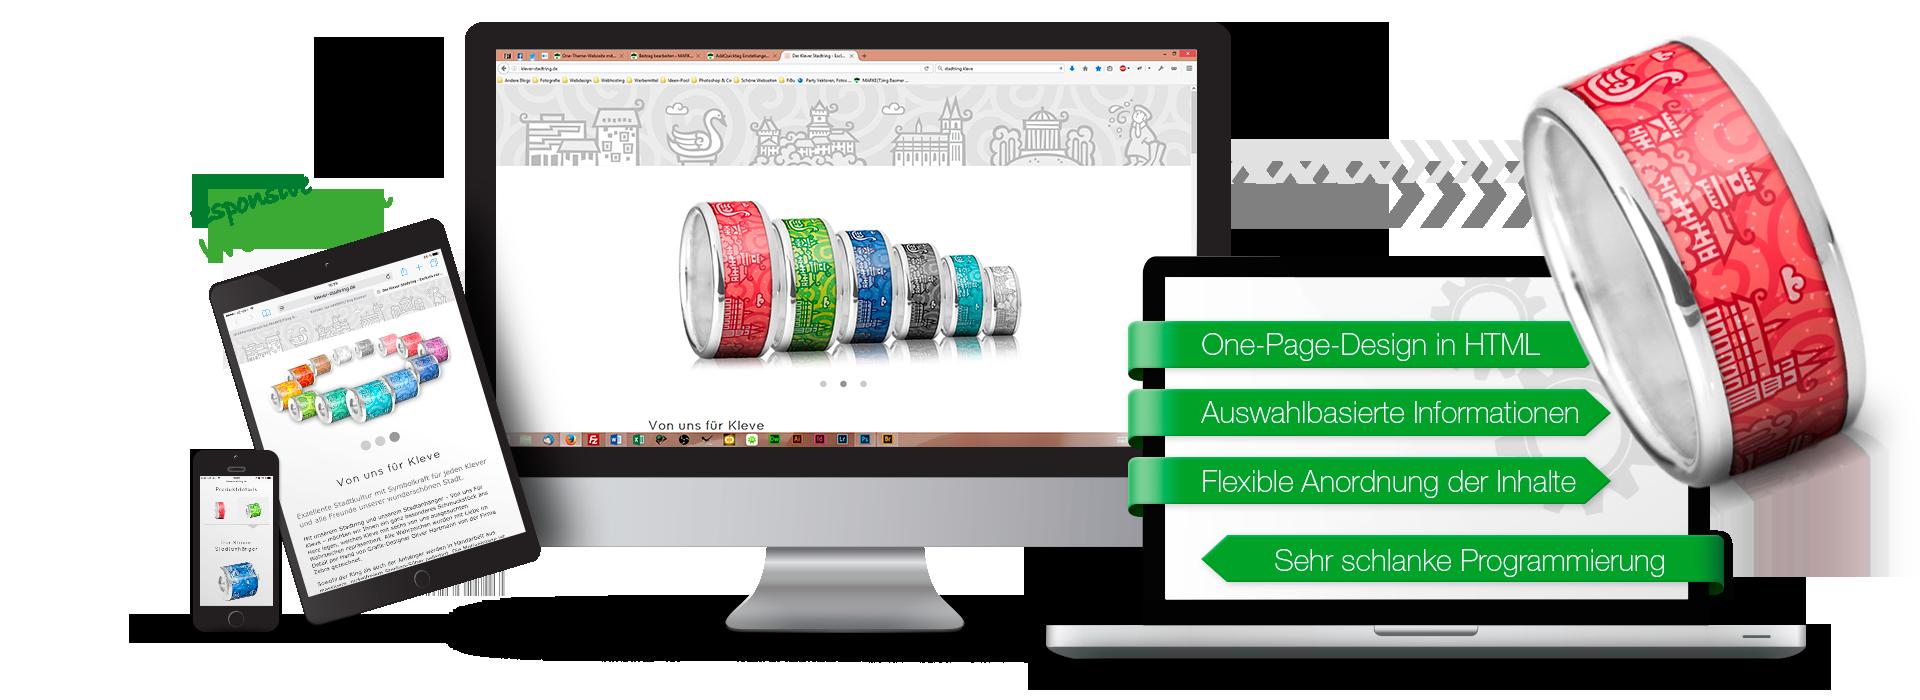 Titelbild-Webdesign-HTML-Webseite-klever-stadtring-juwelier-rueger